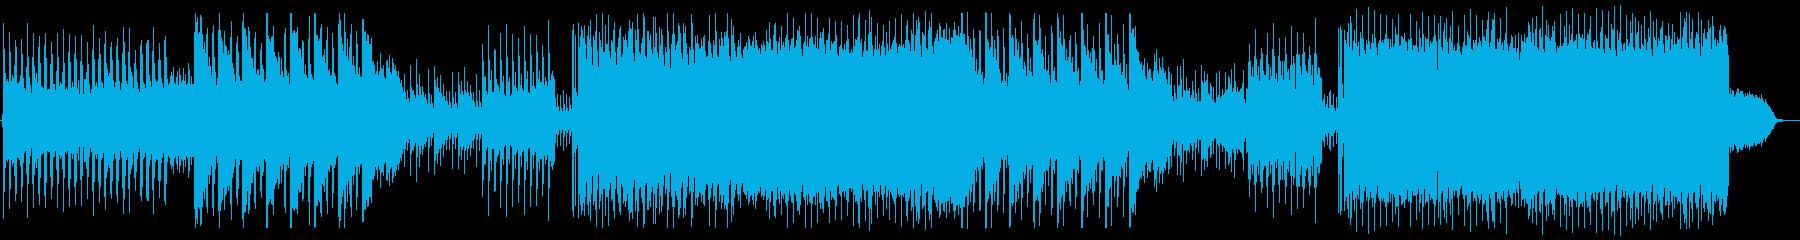 波打ち際でくつろぐチルアウト EDMの再生済みの波形